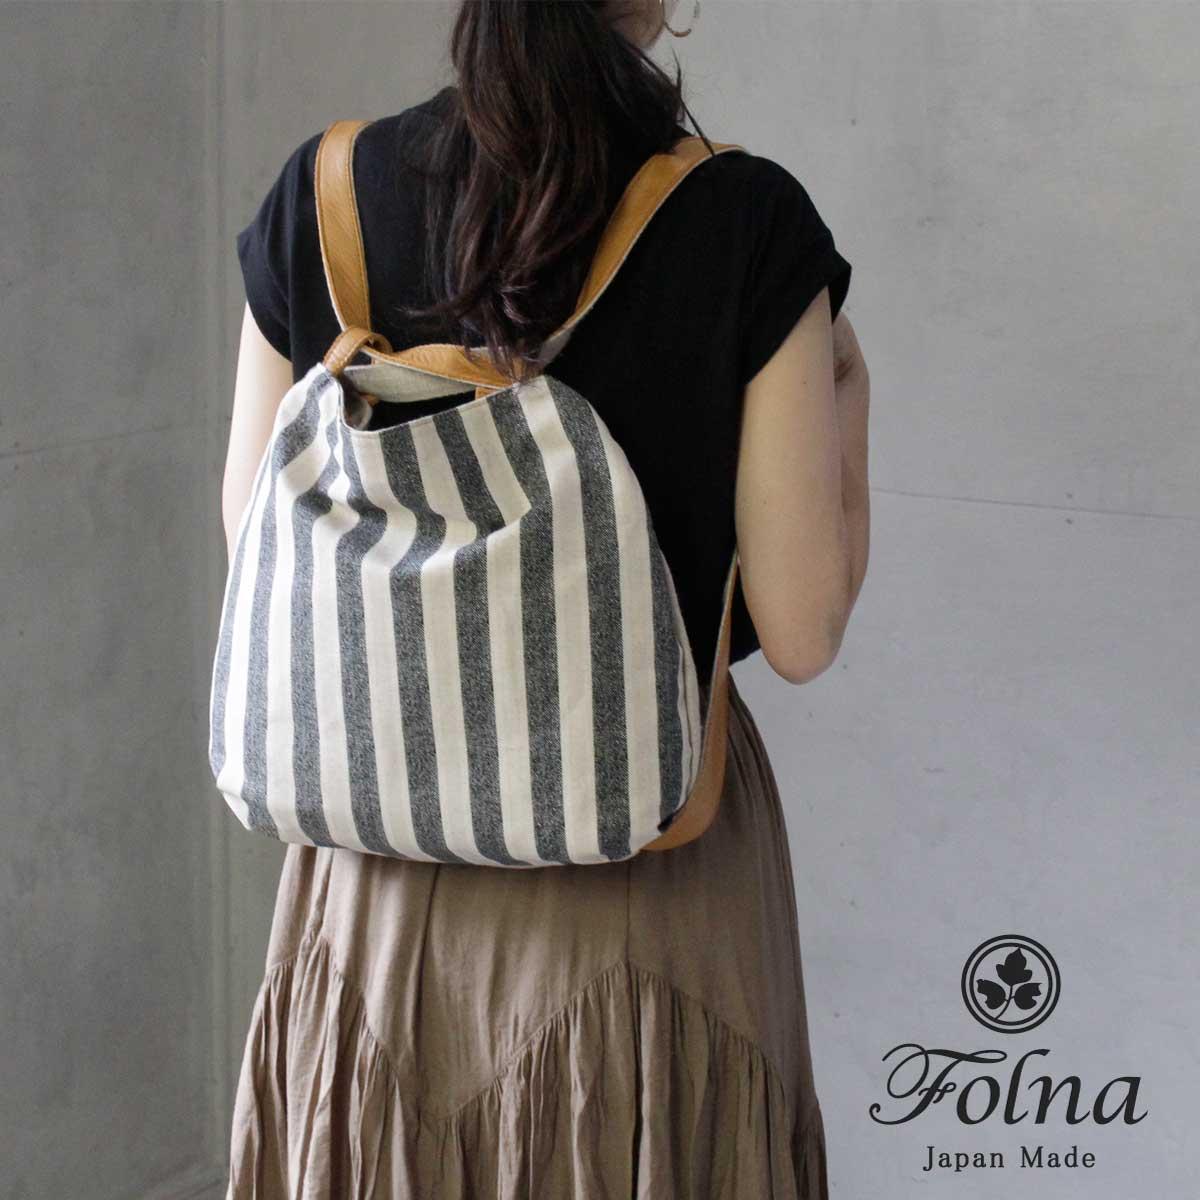 【2020新作】Folna(フォルナ)ナチュレ 2WAYリュック ワンハンドルトートバッグ 083220